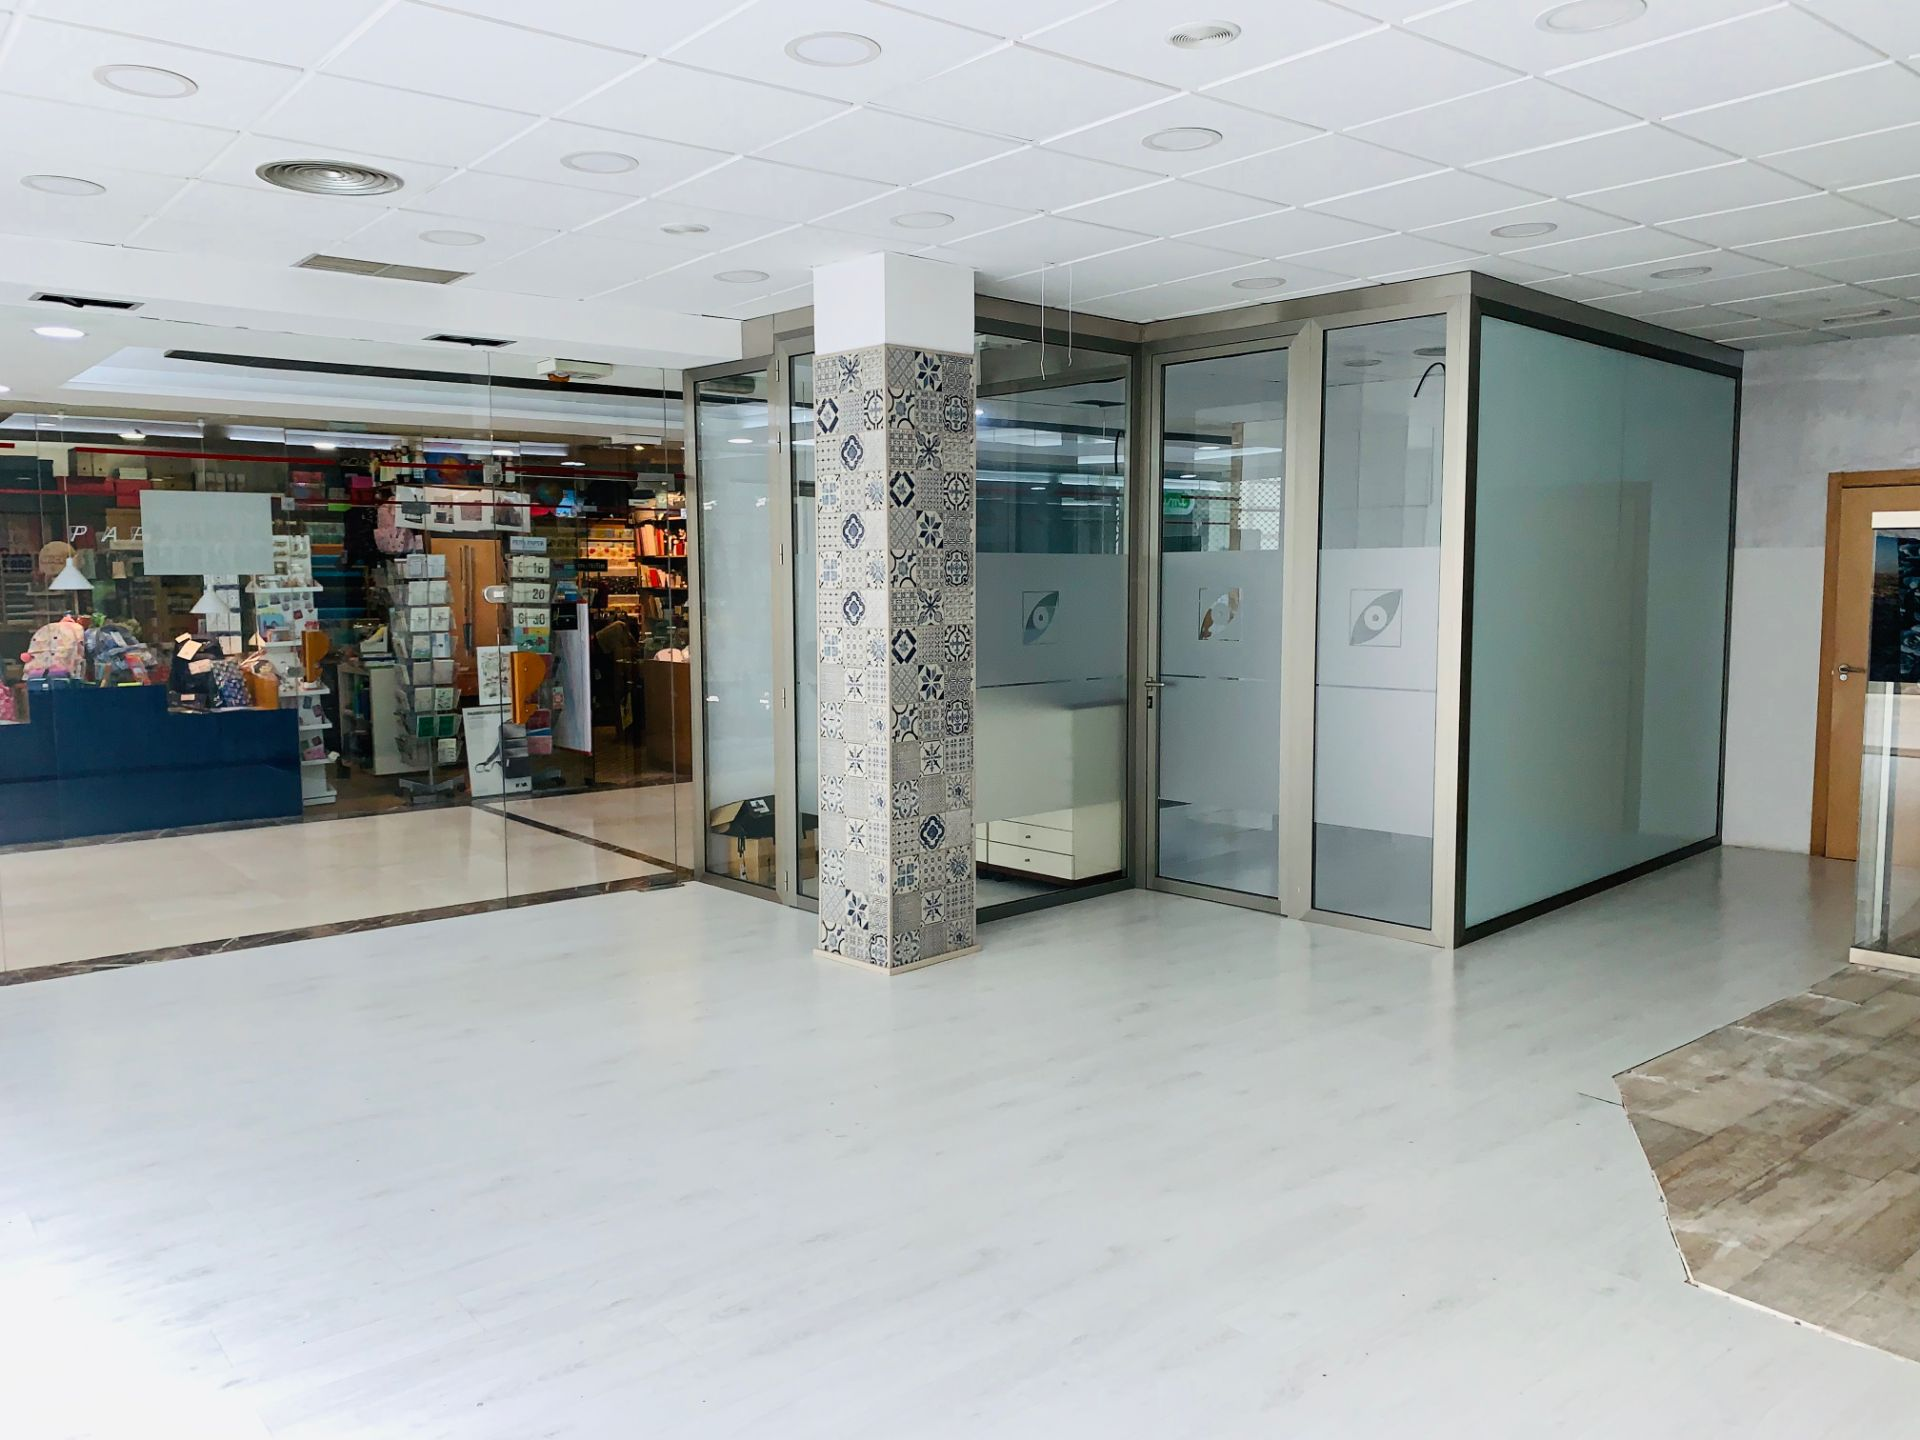 Local comercial en Murcia, CENTRO - CATEDRAL, alquiler